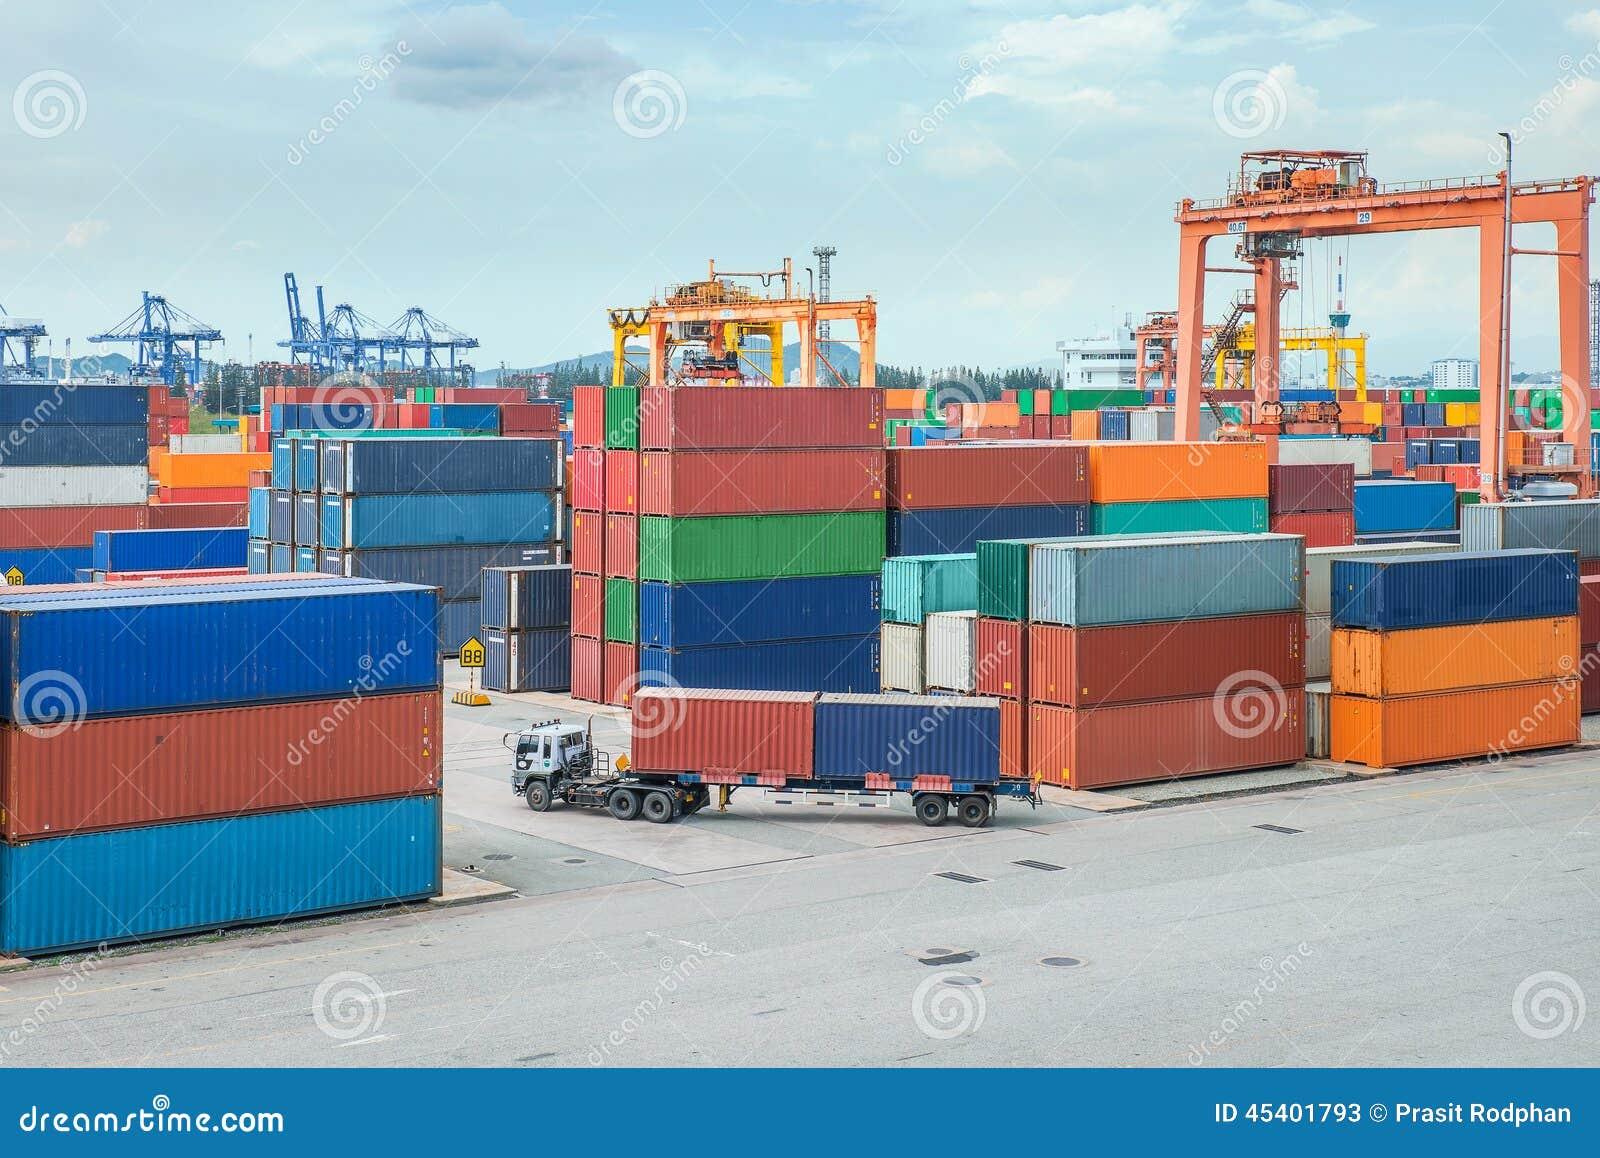 De vrachtwagen draagt container aan een pakhuis in dok